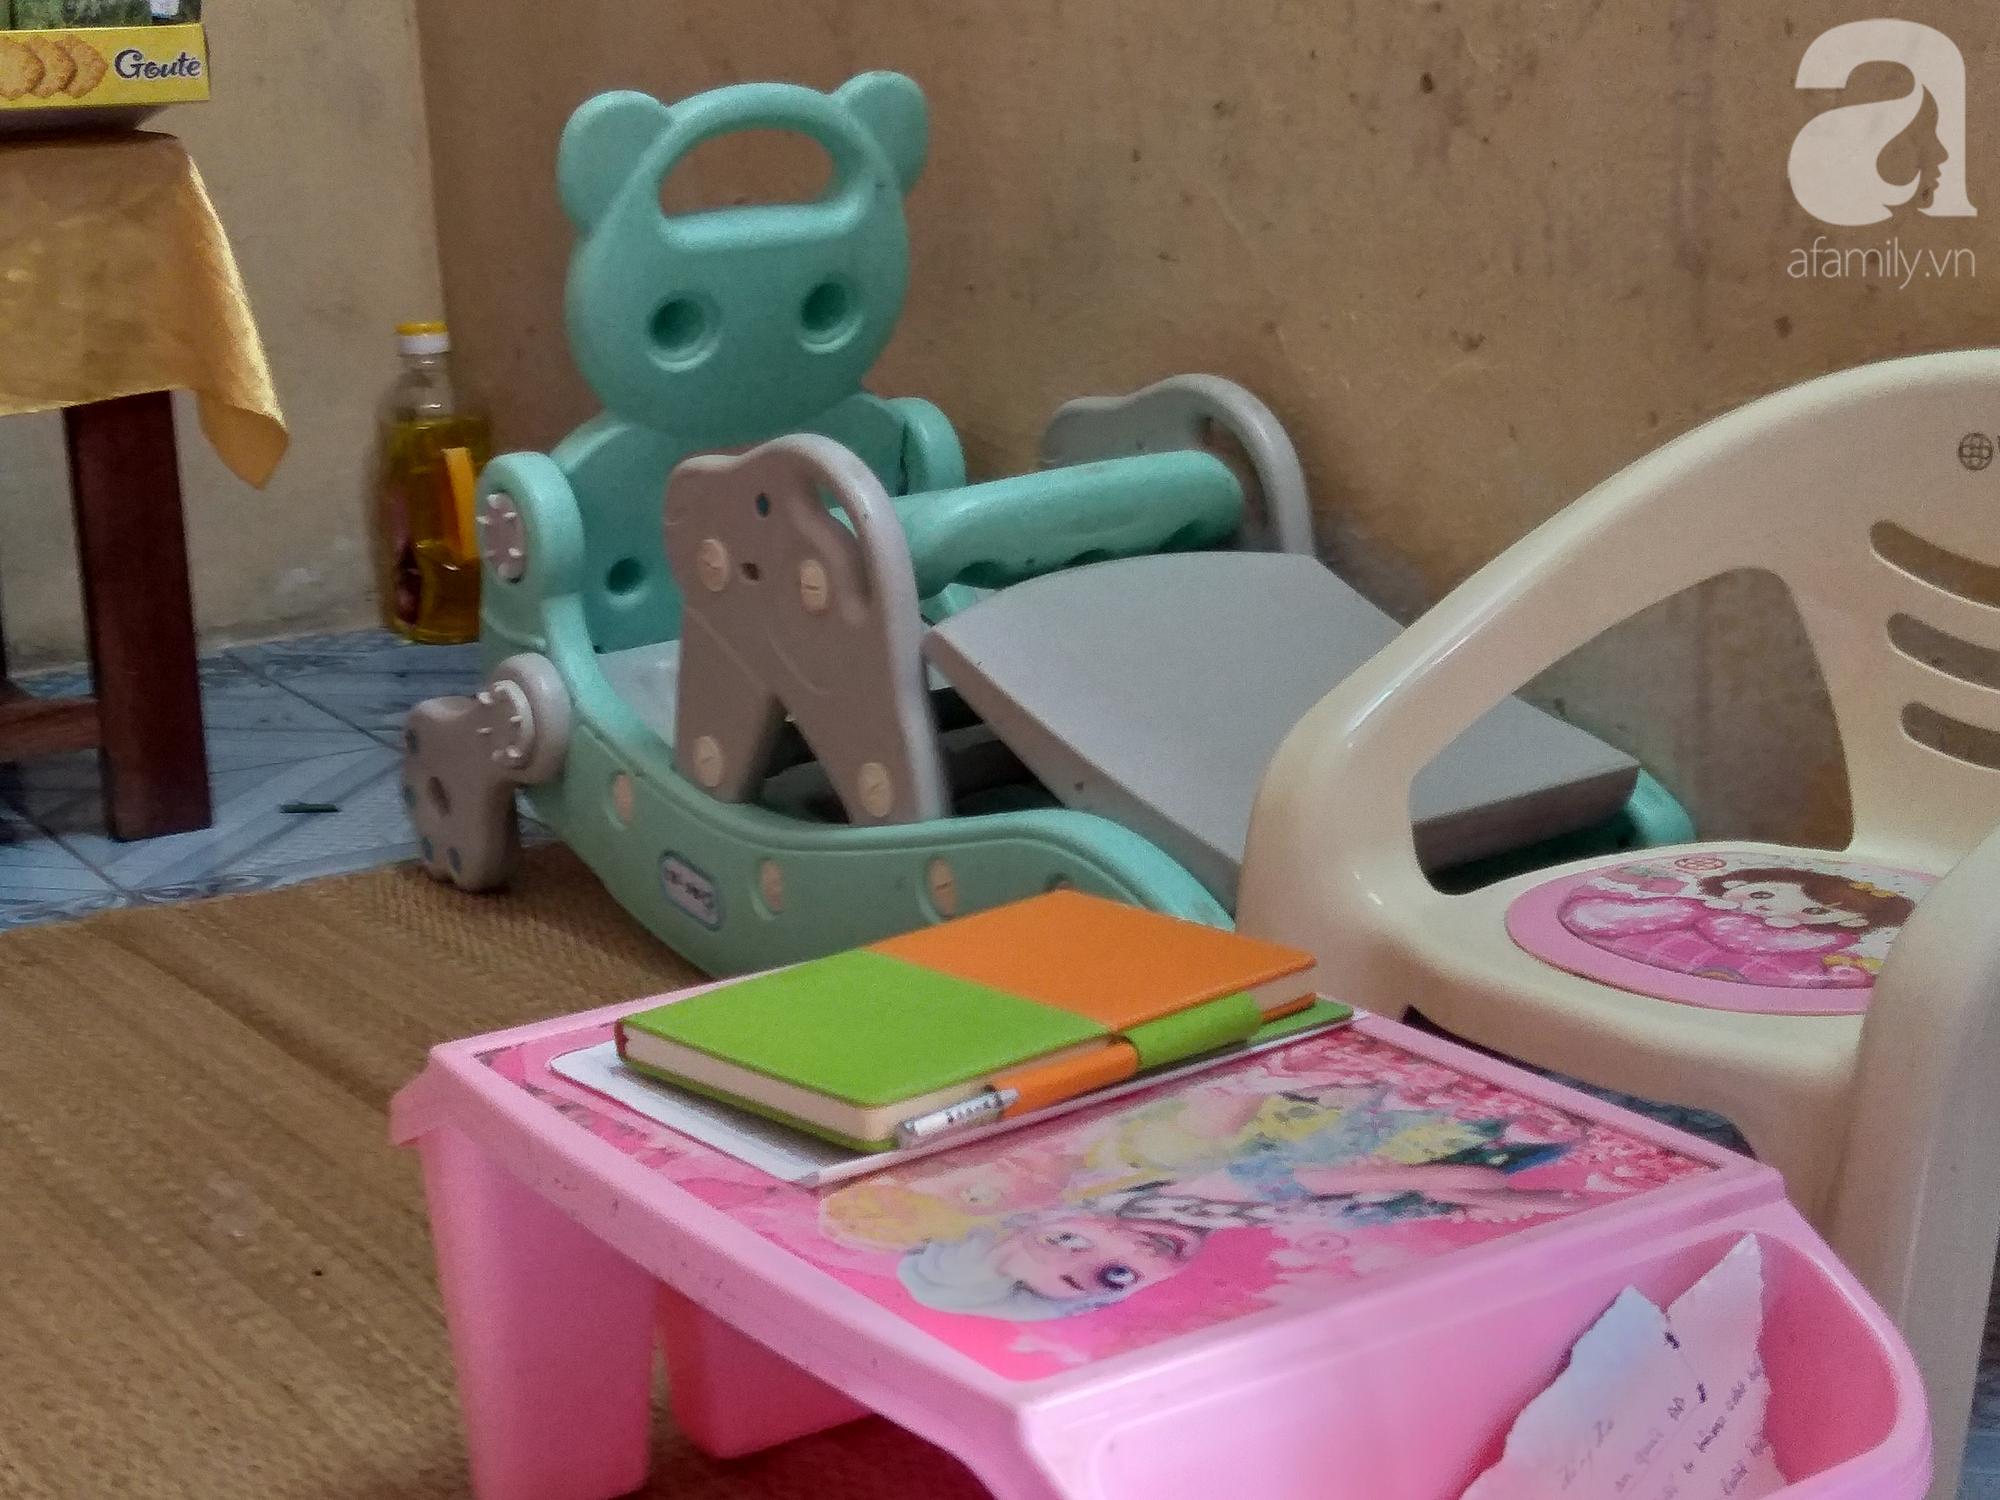 Vụ bé gái 3 tuổi tử vong nghi bị bạo hành: Bà ngoại chua xót kể về đứa con gái bất trị - Ảnh 2